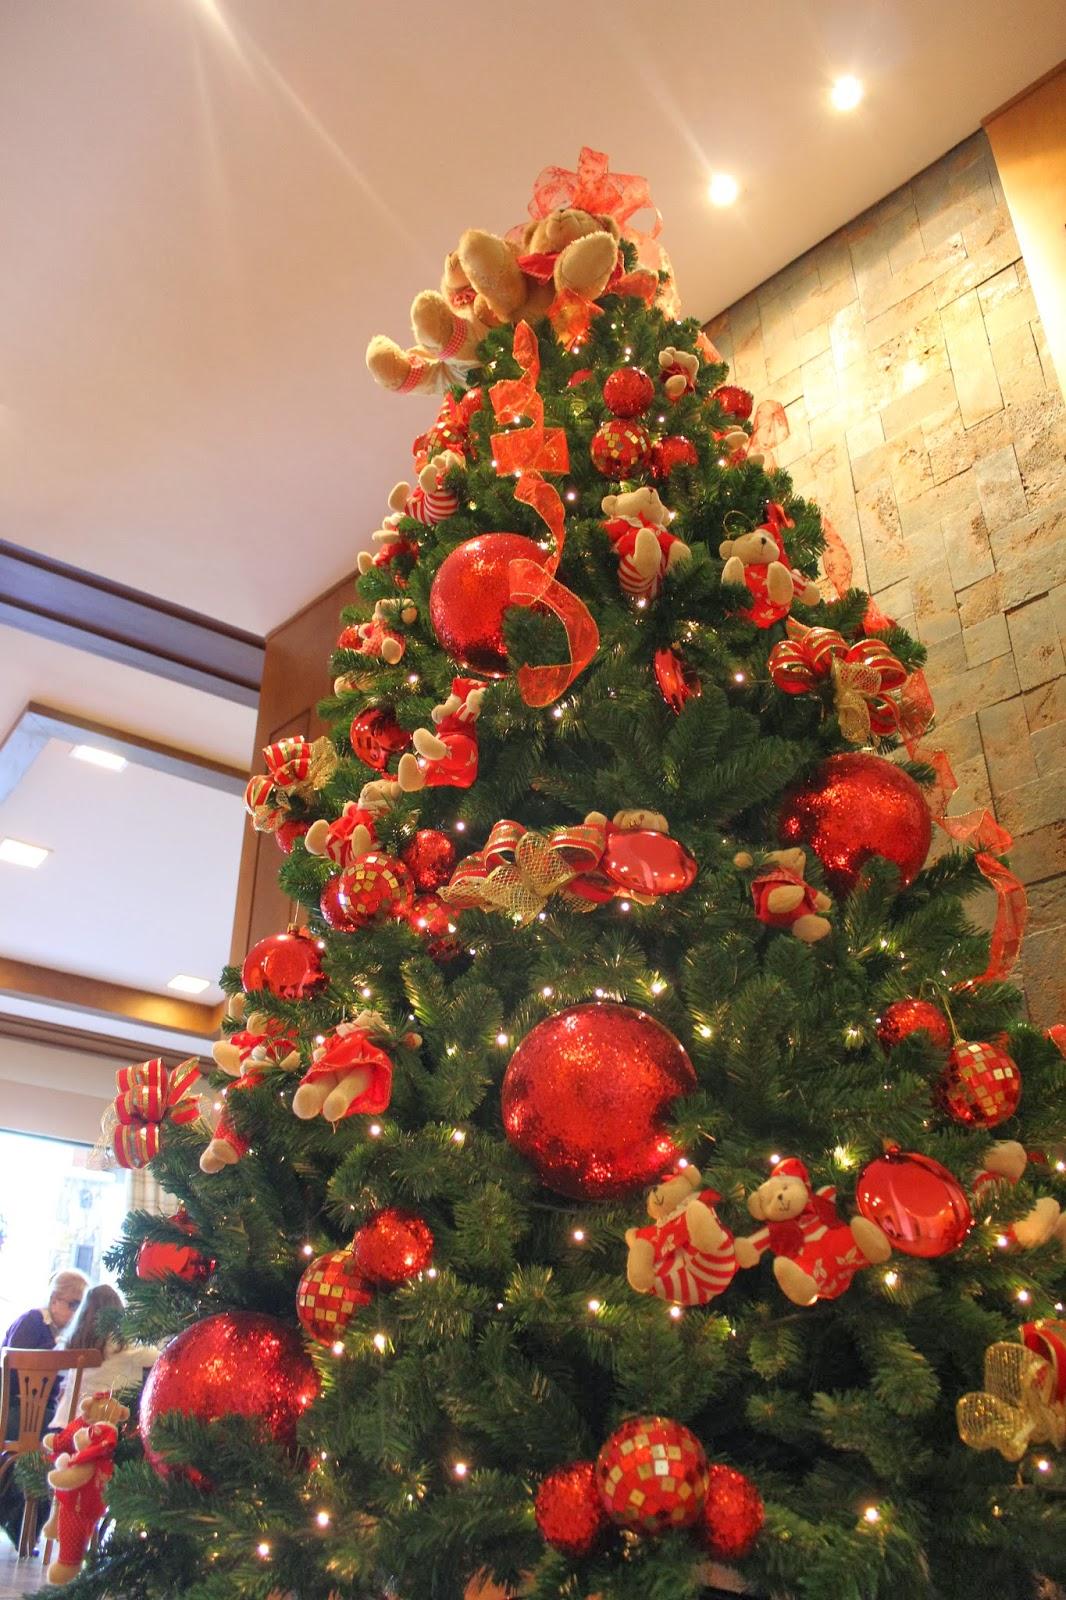 decoracao de arvore de natal azul e dourado : decoracao de arvore de natal azul e dourado:Árvore de Natal com decoração de bolinhas e ursinhos de pelúcia em